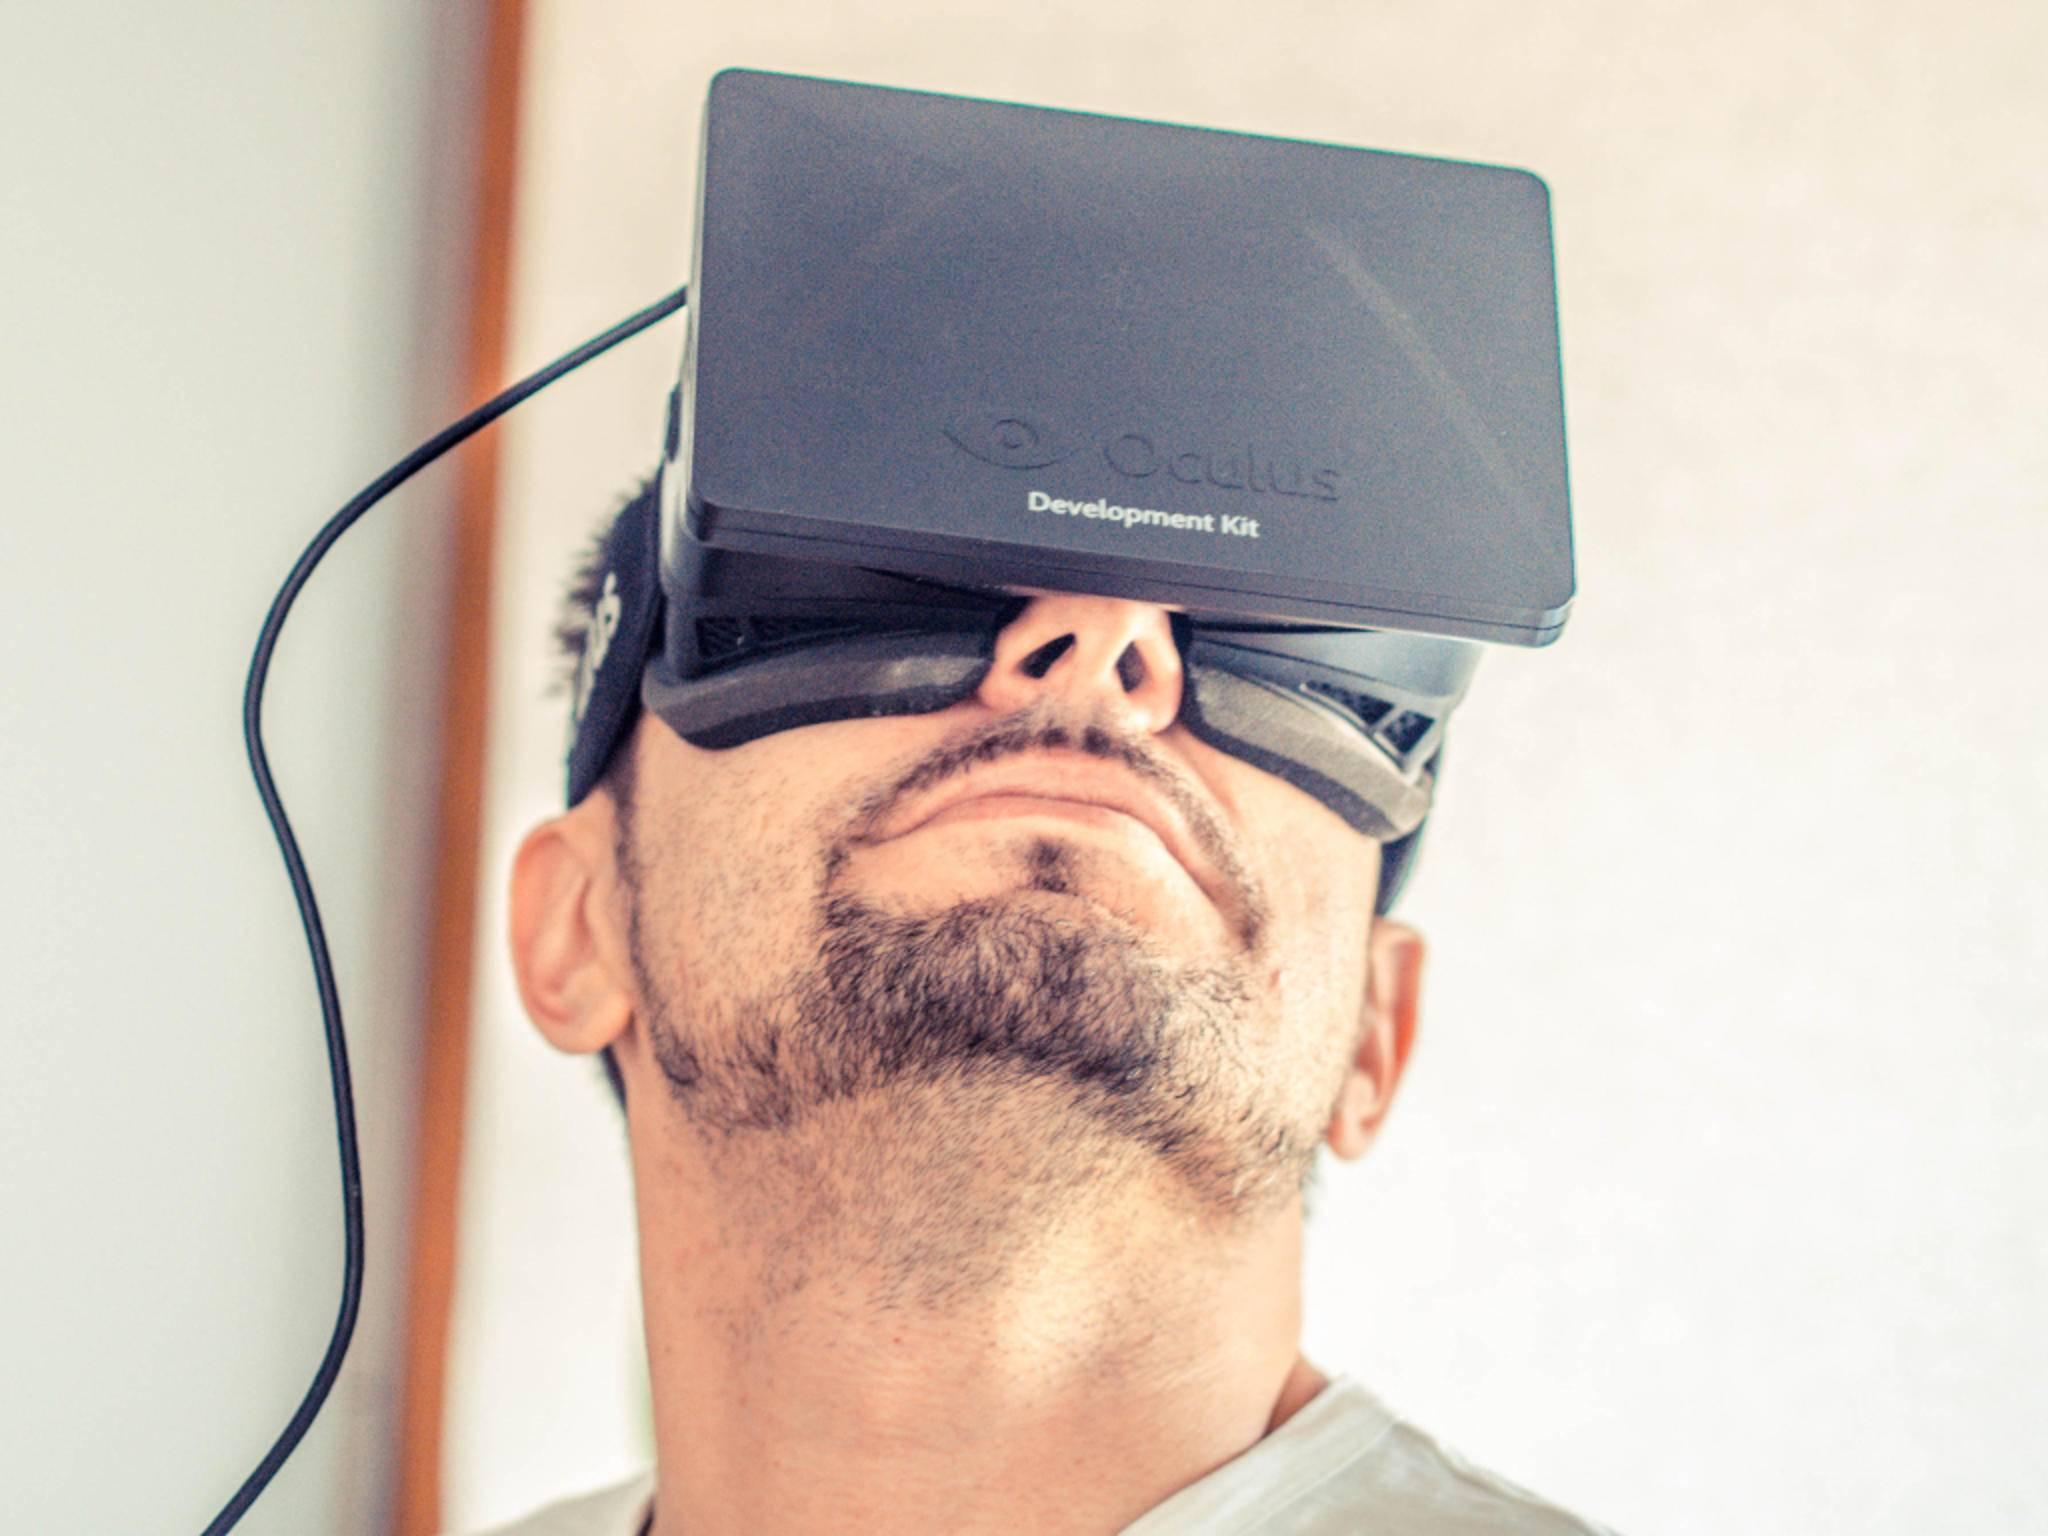 Seit 2013 gibt es schon das Developer Kit der Oculus Rift.